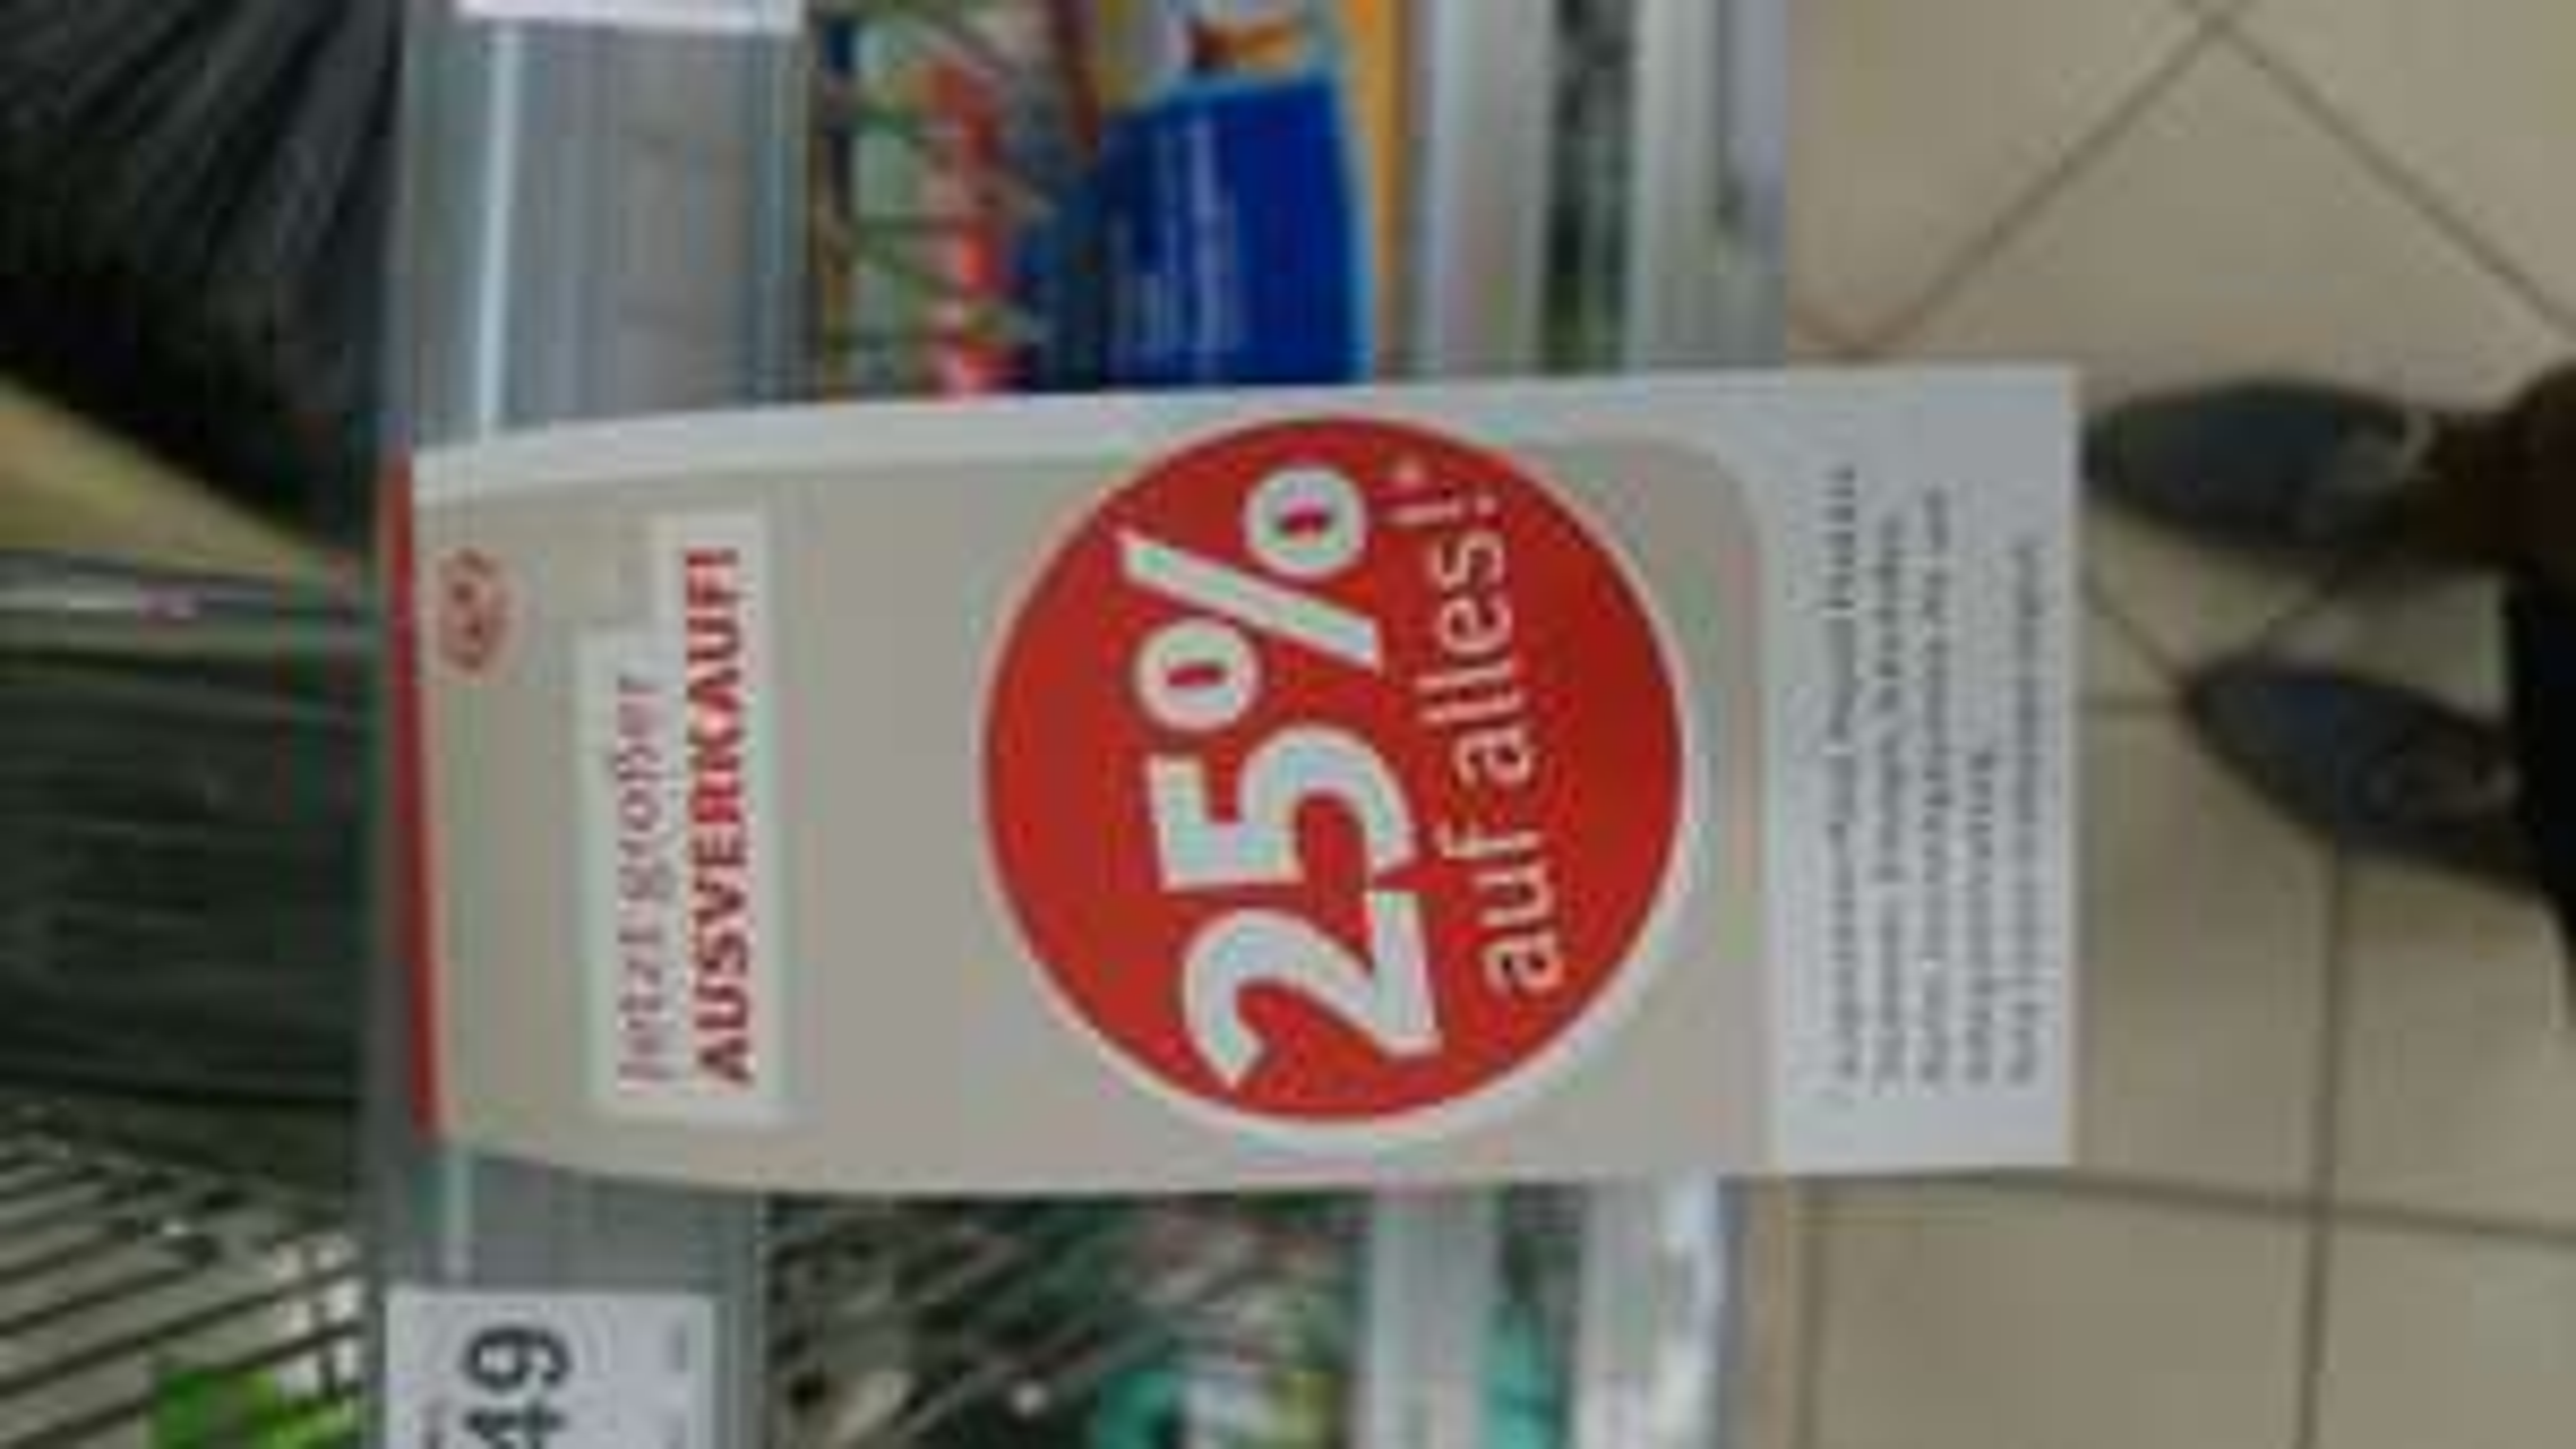 25 % auf fast alles bei Rossman Steinfurt